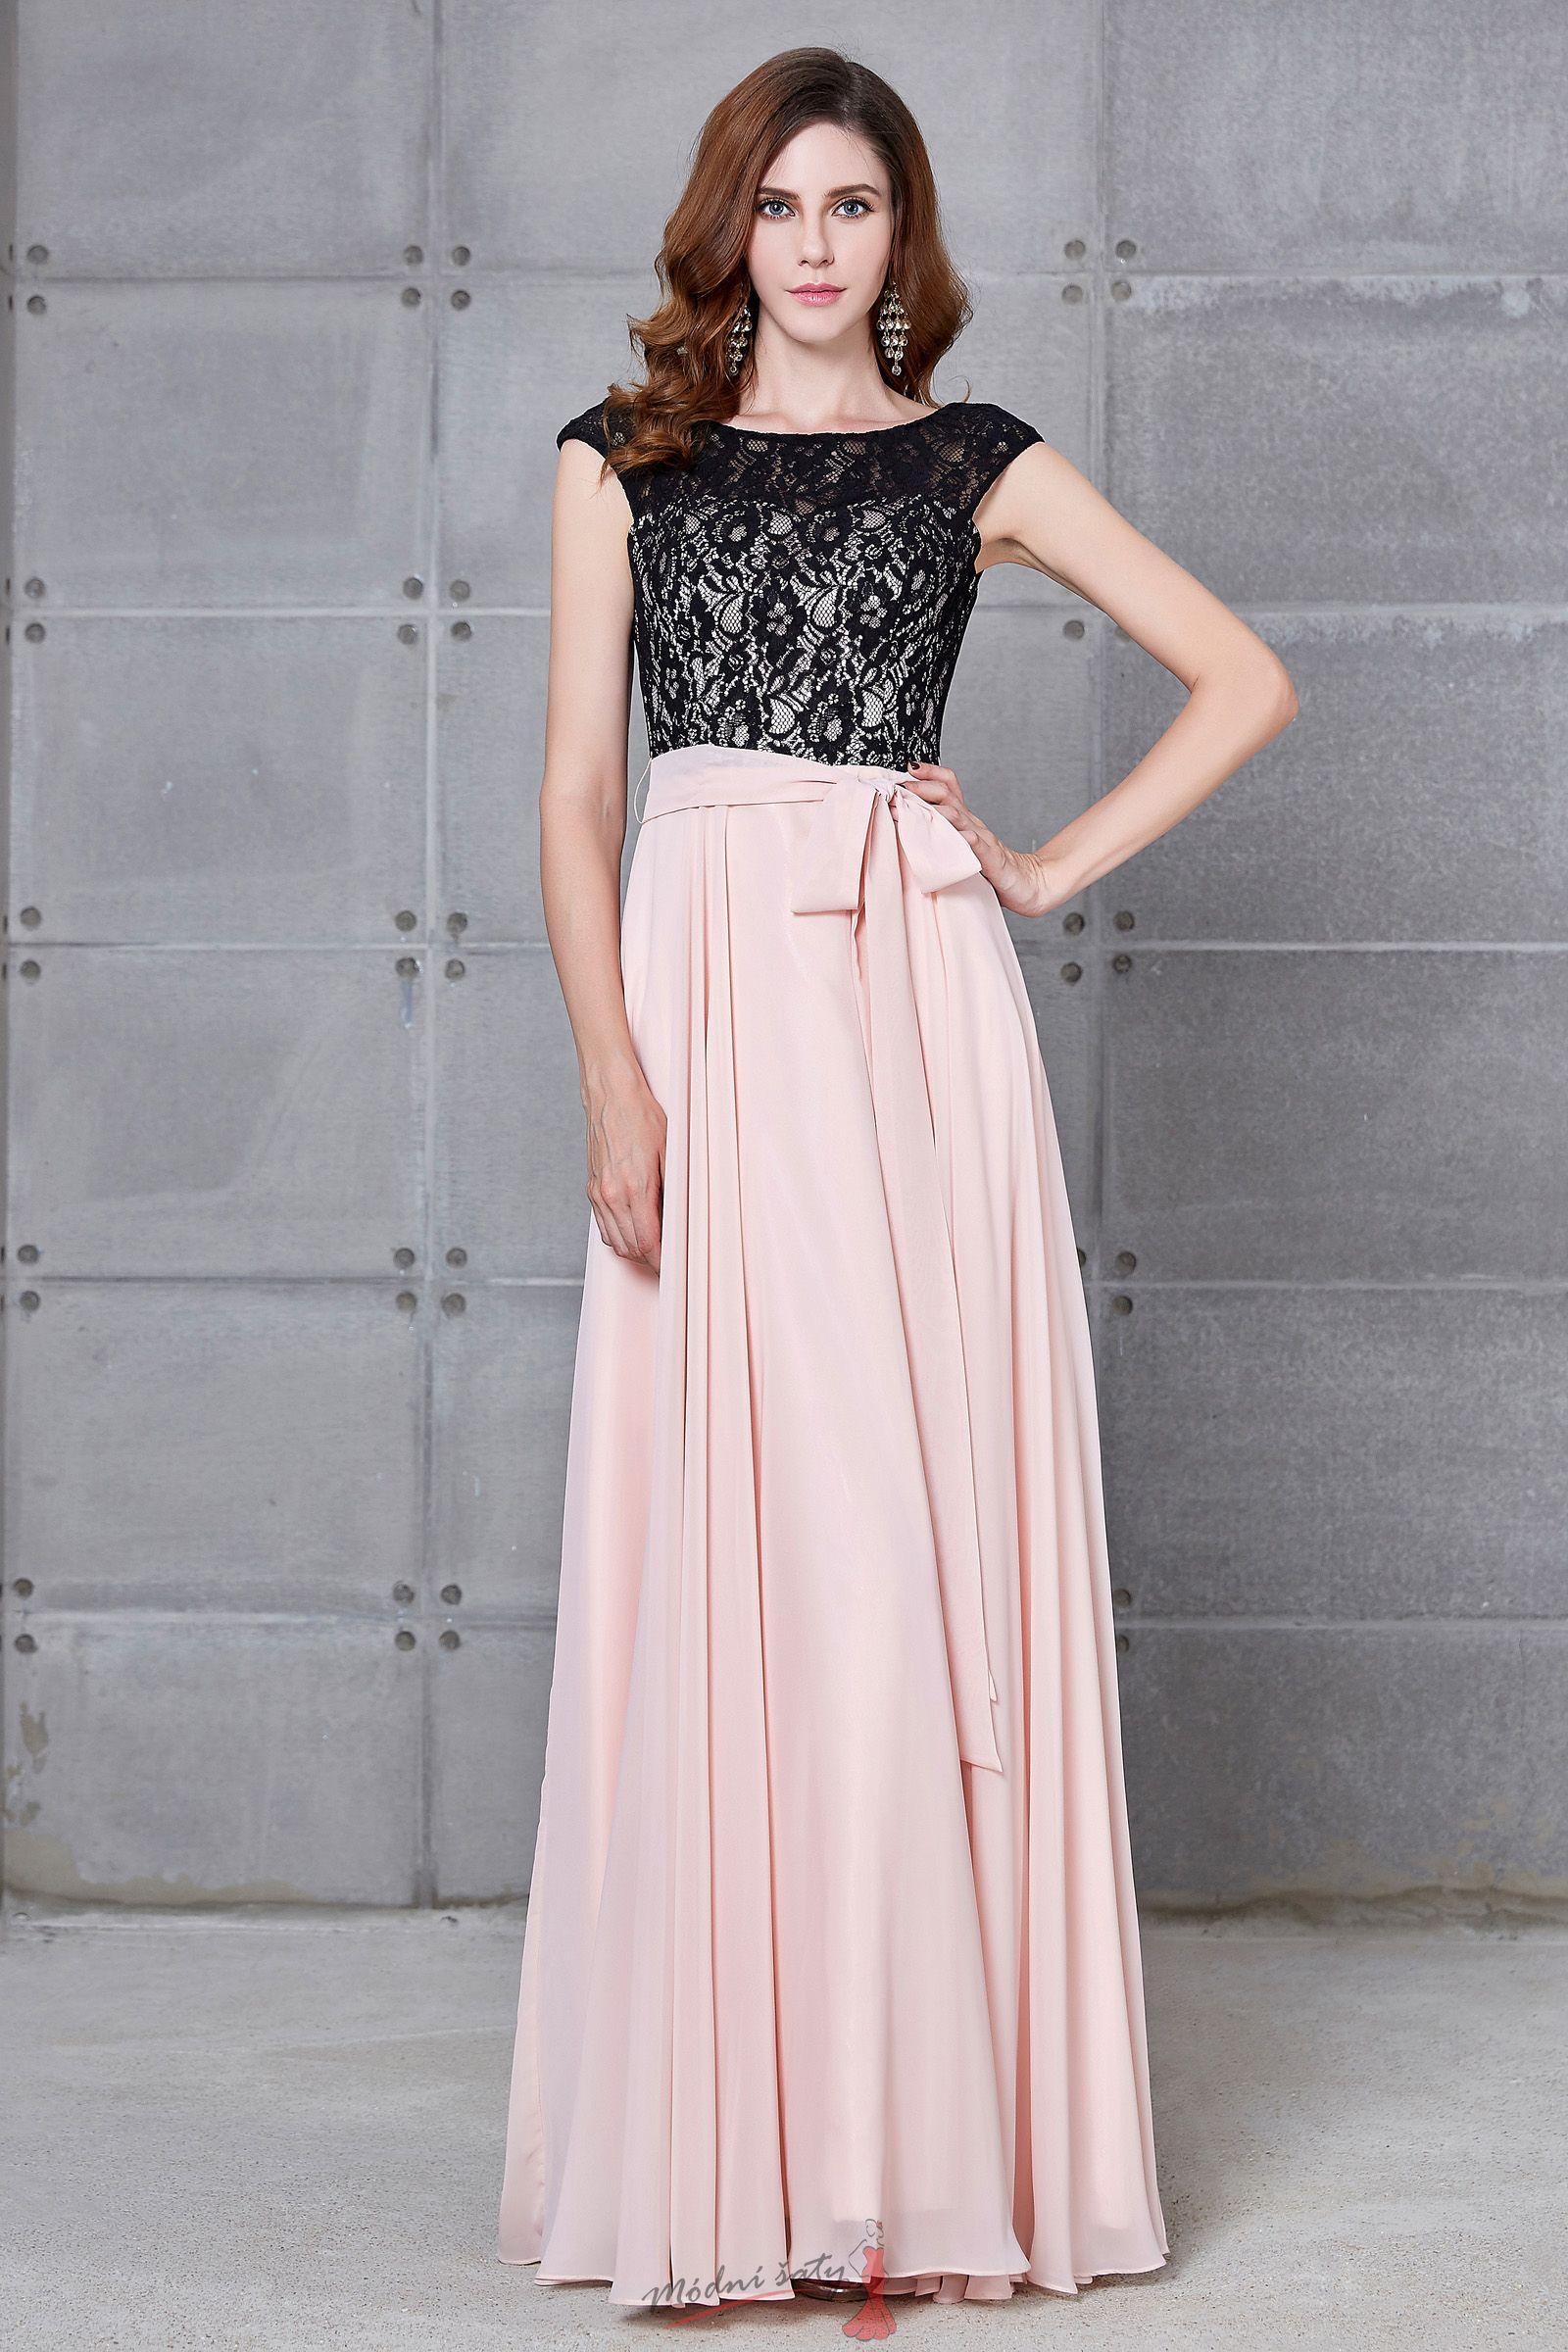 0bbd49e3493 Společenské šaty růžové s černou krajkou